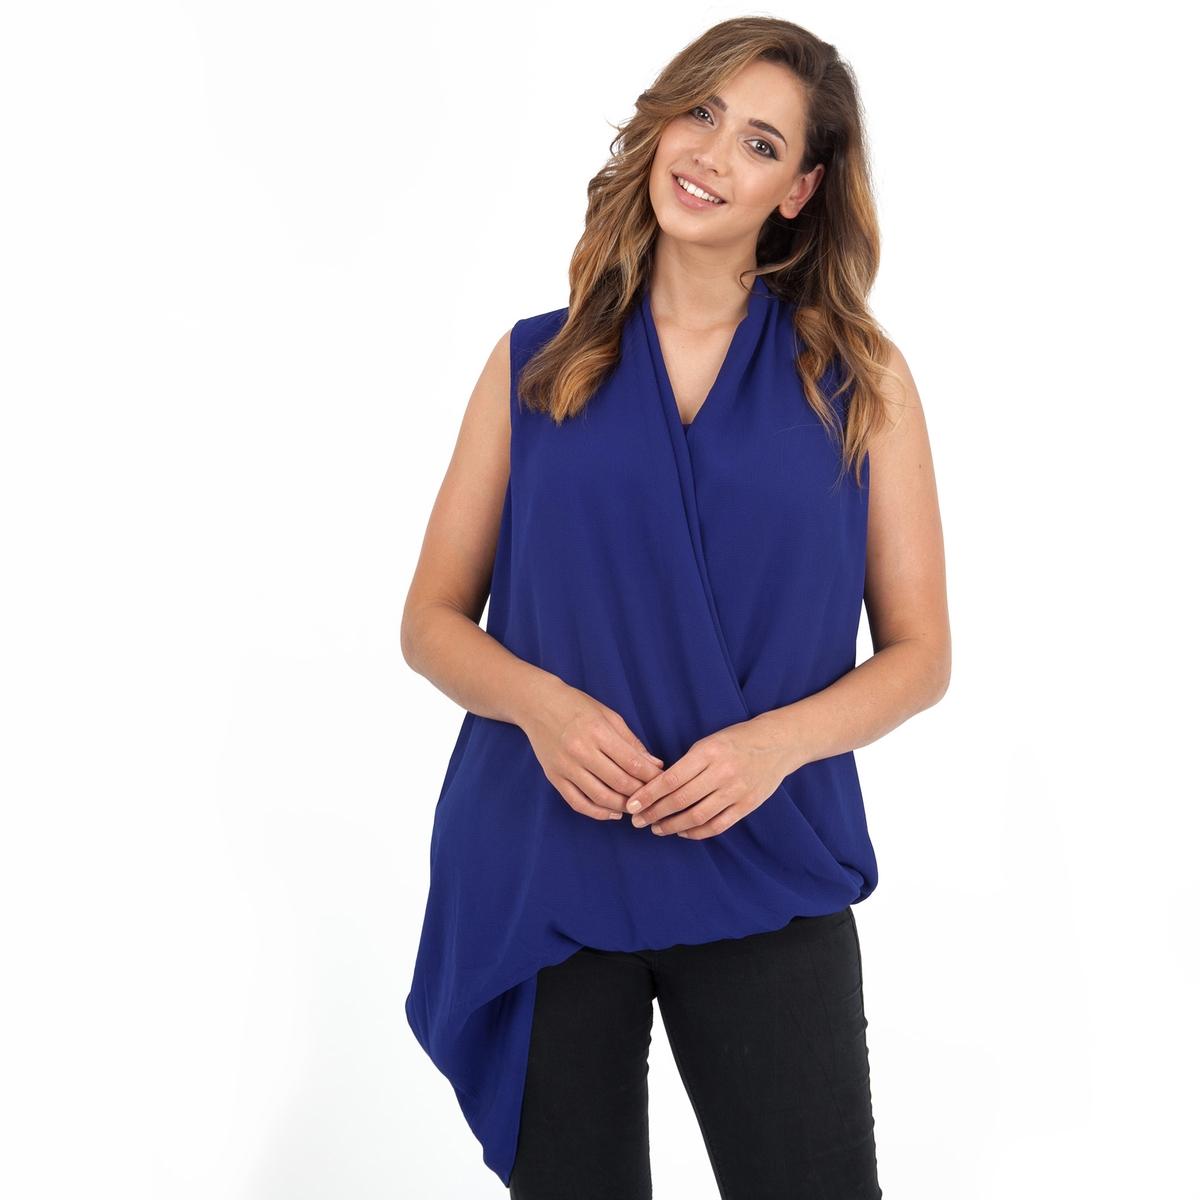 БлузкаБлузка без рукавов LOVEDROBE. Асимметричная блузка с симпатичным декольте. Легкий вырез сзади . 100% полиэстер.<br><br>Цвет: синий<br>Размер: 50/52 (FR) - 56/58 (RUS)